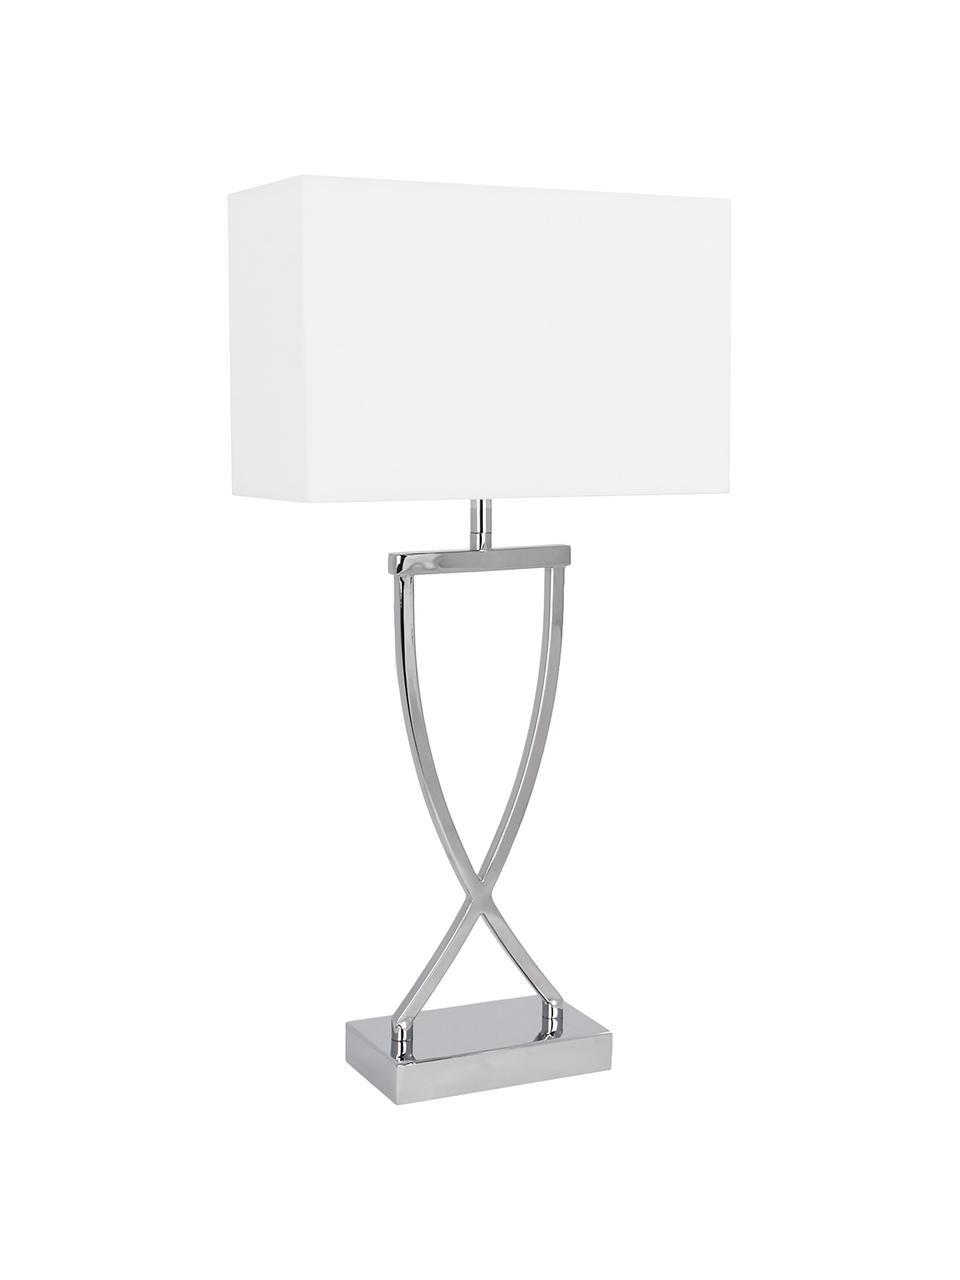 Lampada da tavolo classica Vanessa, Base della lampada: Metallo, Paralume: Tessuto, Base della lampada: argento, paralume: bianco, cavo: bianco, Larg. 27 x Alt. 52 cm